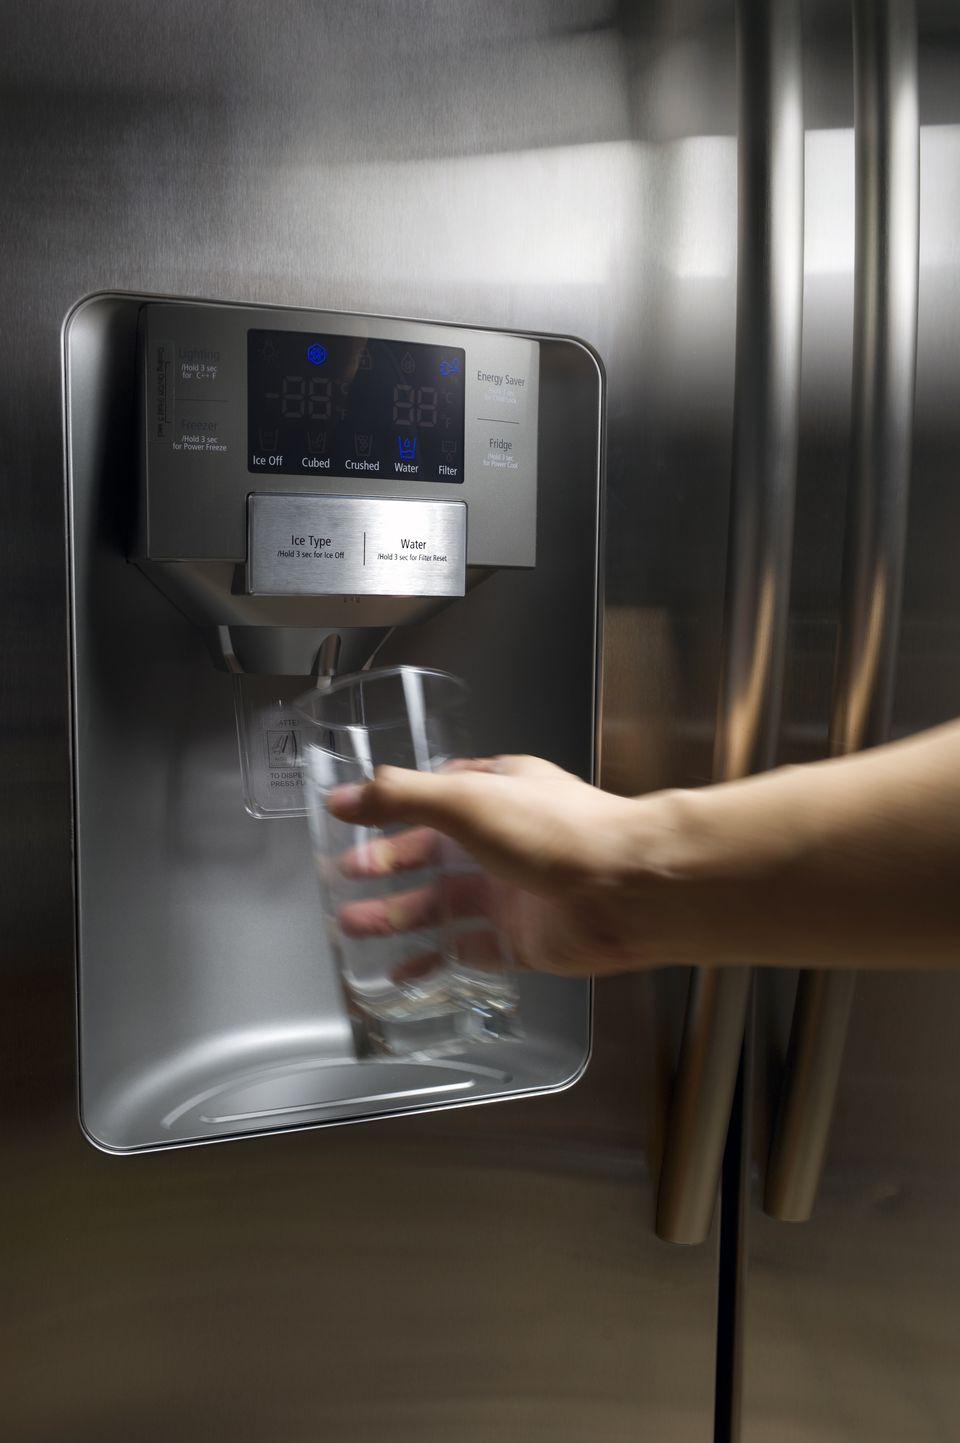 Refreshing water from fridge